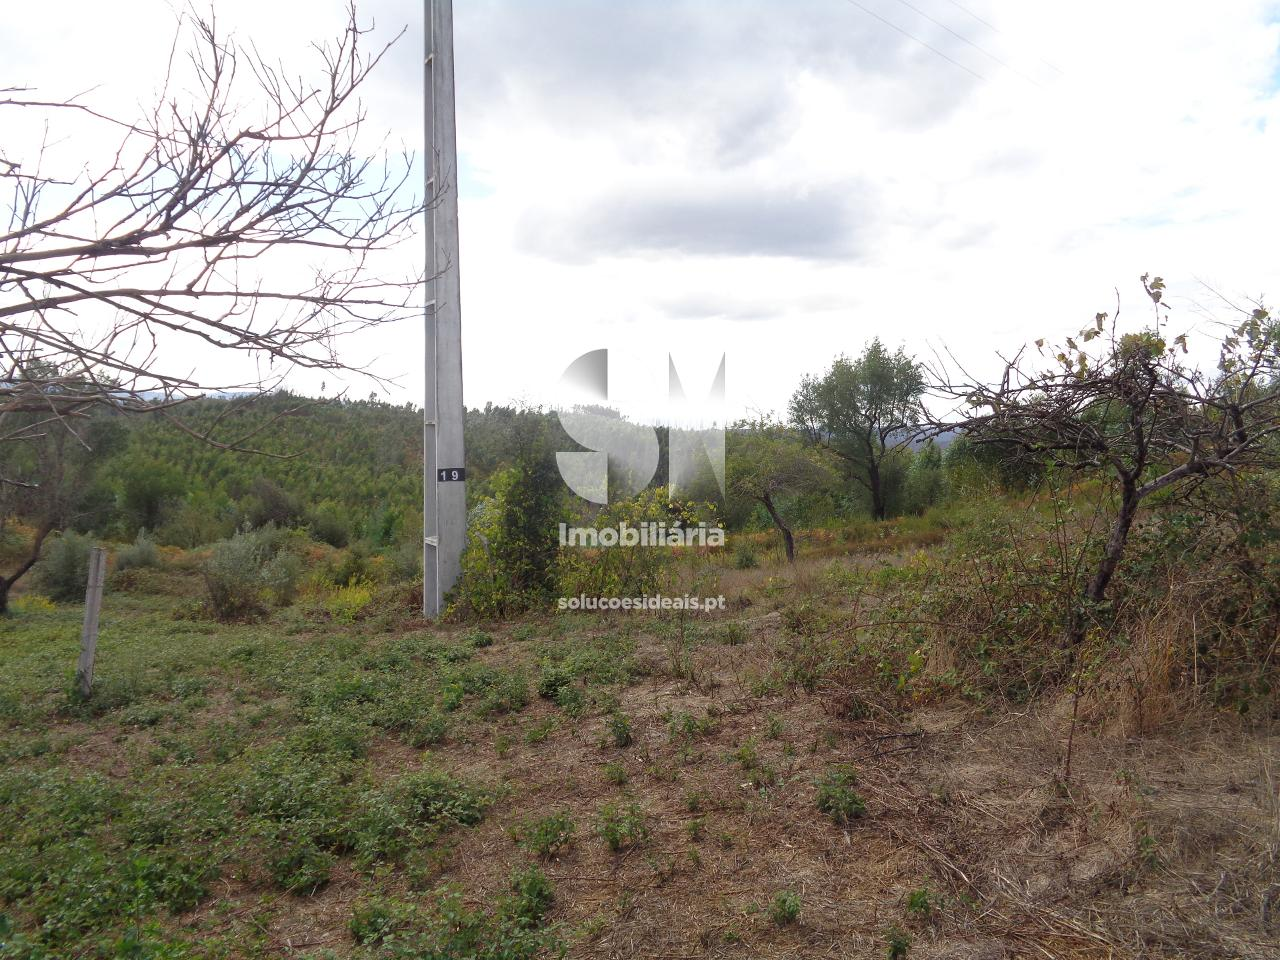 terreno para compra em vila nova de poiares poiares santo andre poiares LSAFS554_1